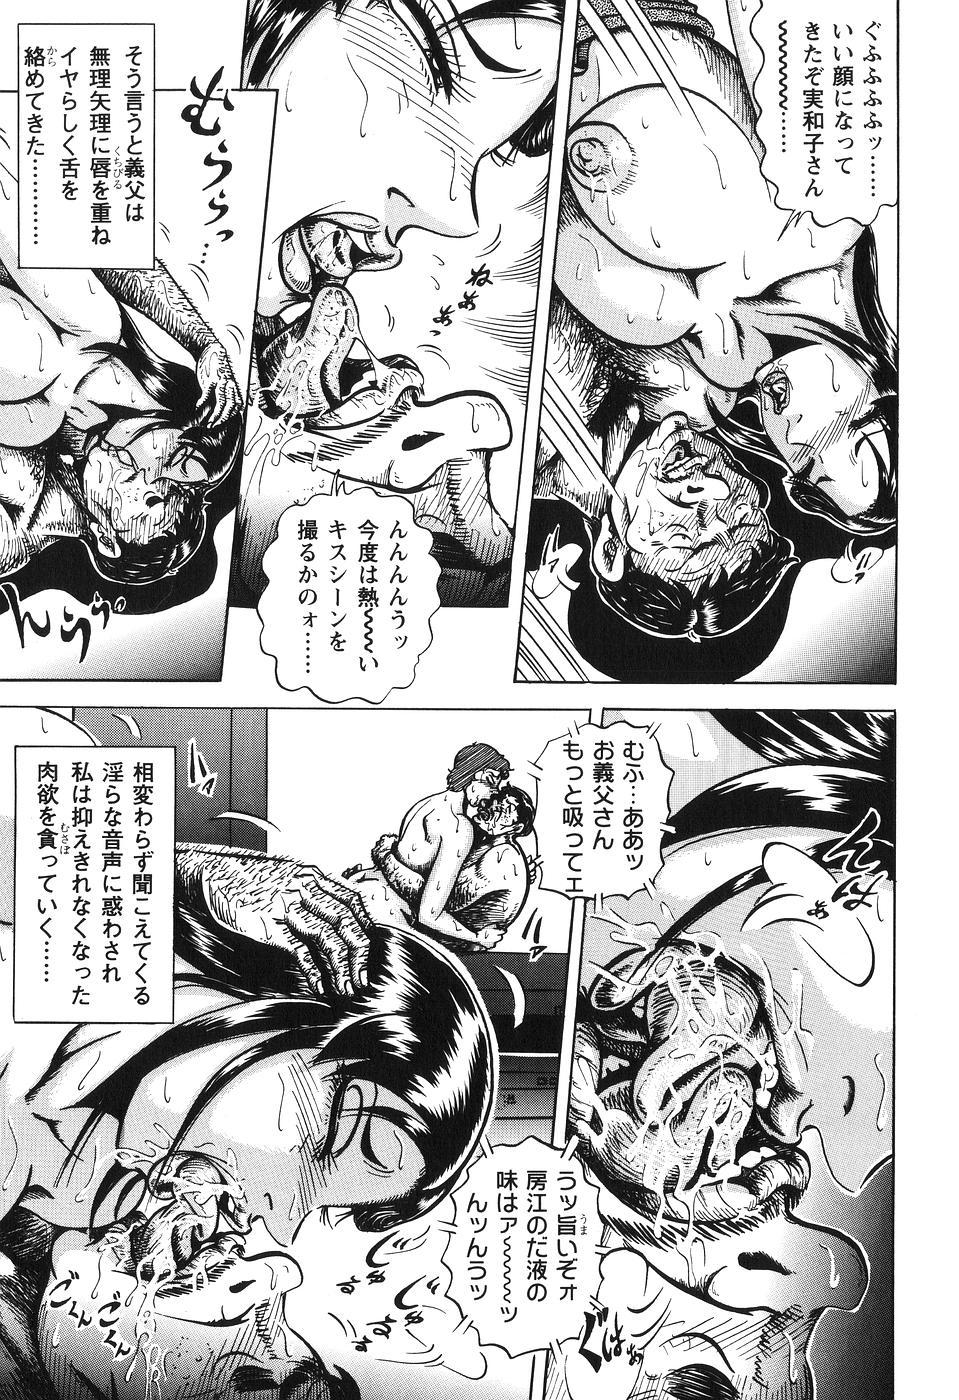 Jukubo Soukan Yosoji no Tawamure 64